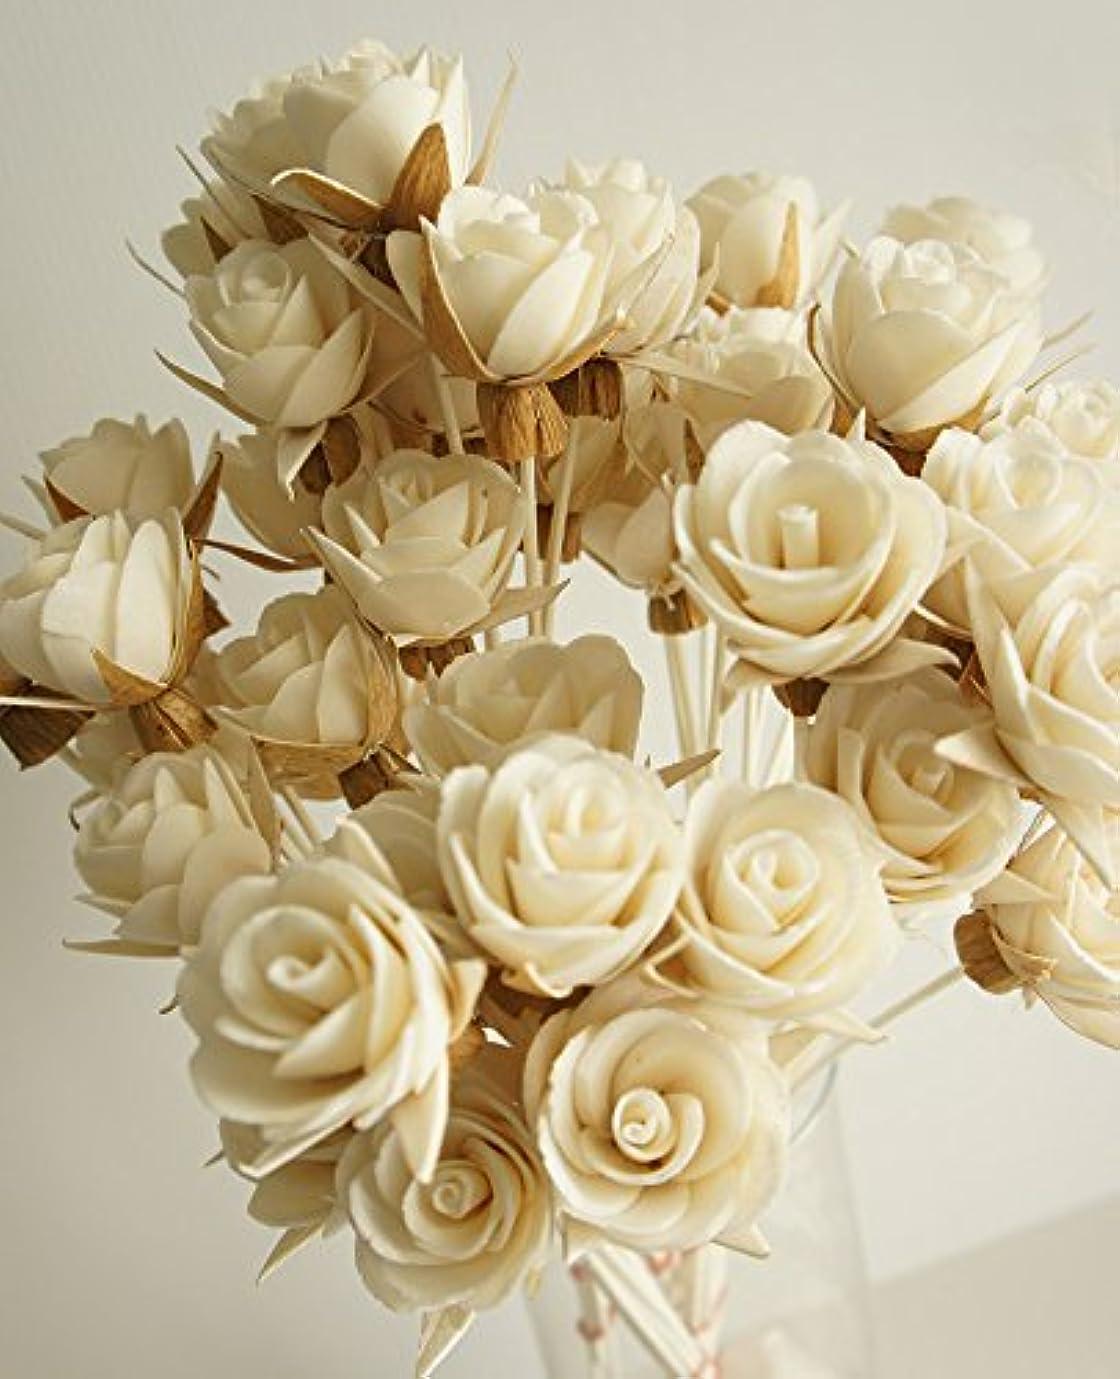 落胆した座るバックグラウンドエキゾチックエレガンスのセット50ローズデザインSola Flowerスティックfor Aroma Diffuser直径1.5。」